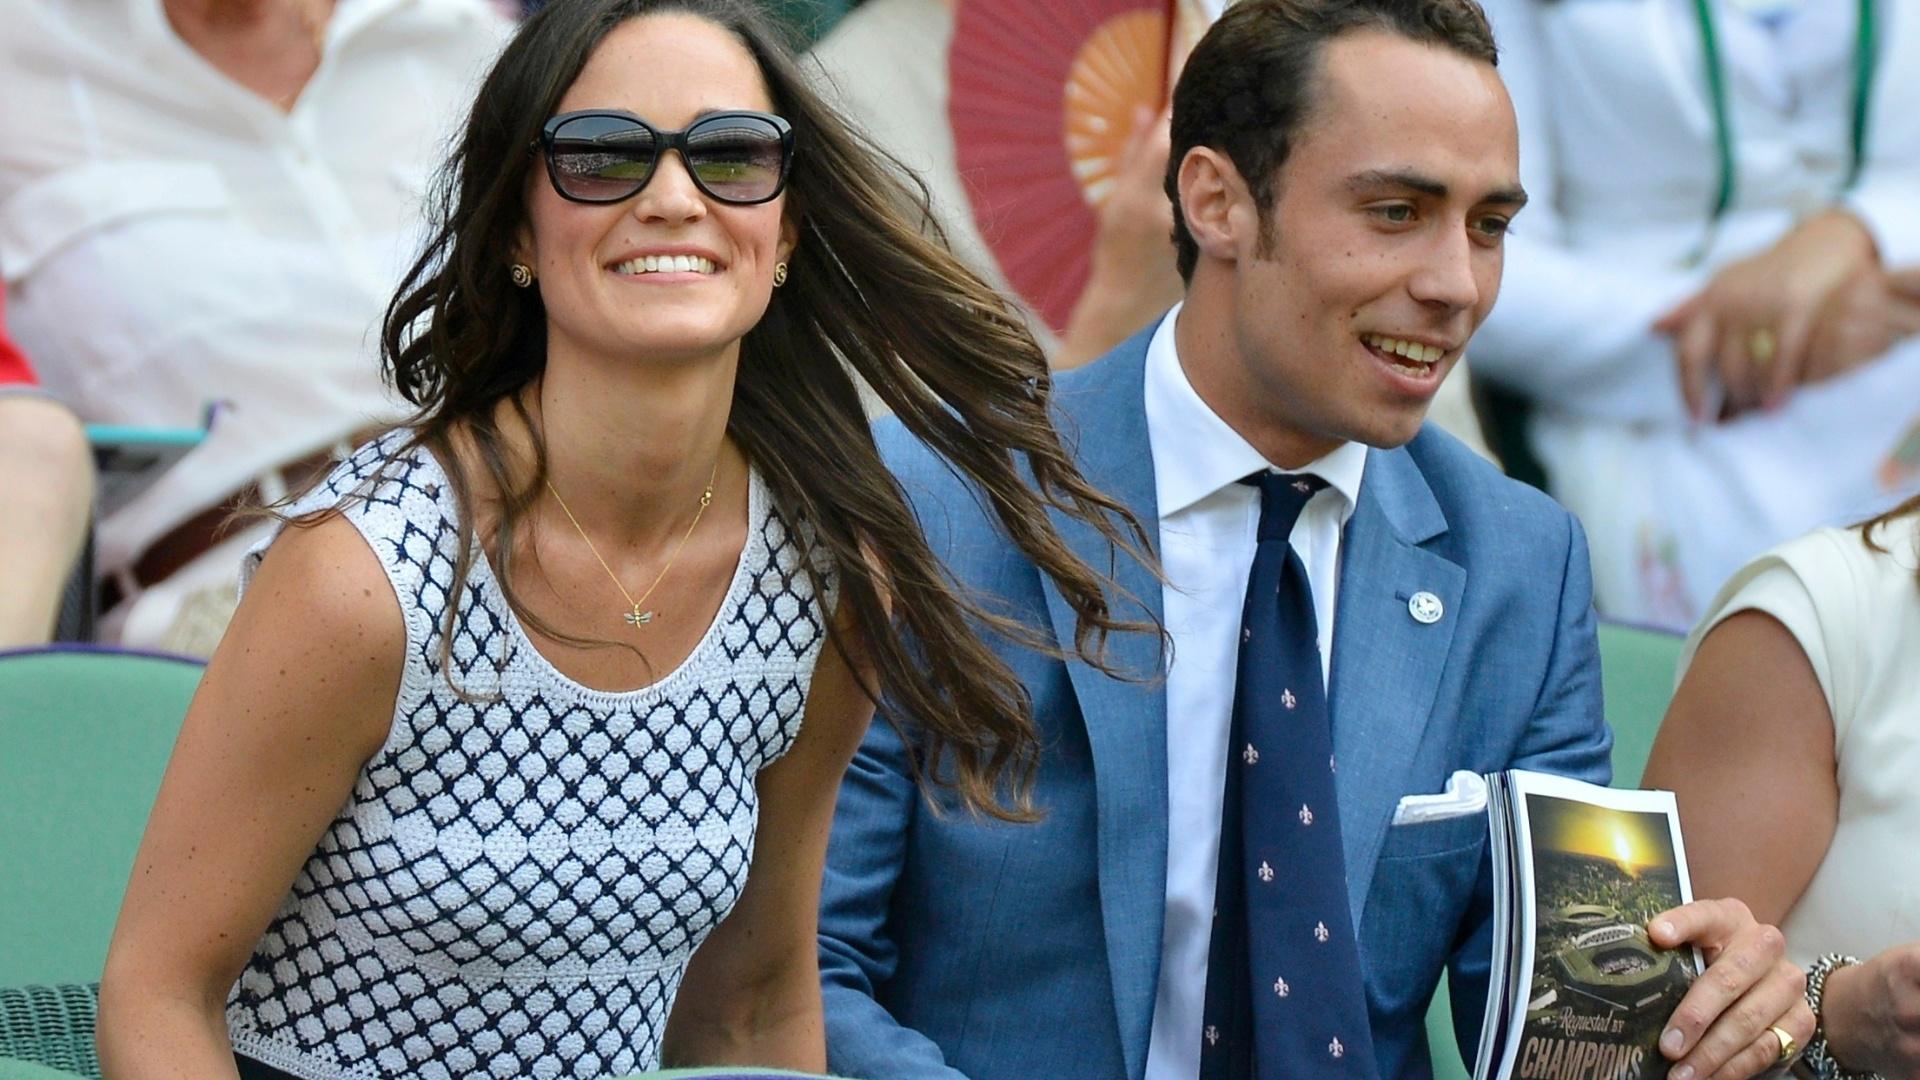 Pippa Middleton, irmã de Catherine, duquesa de Cambridge, e seu irmão James acompanham a programação da quadra central de Wimbledon